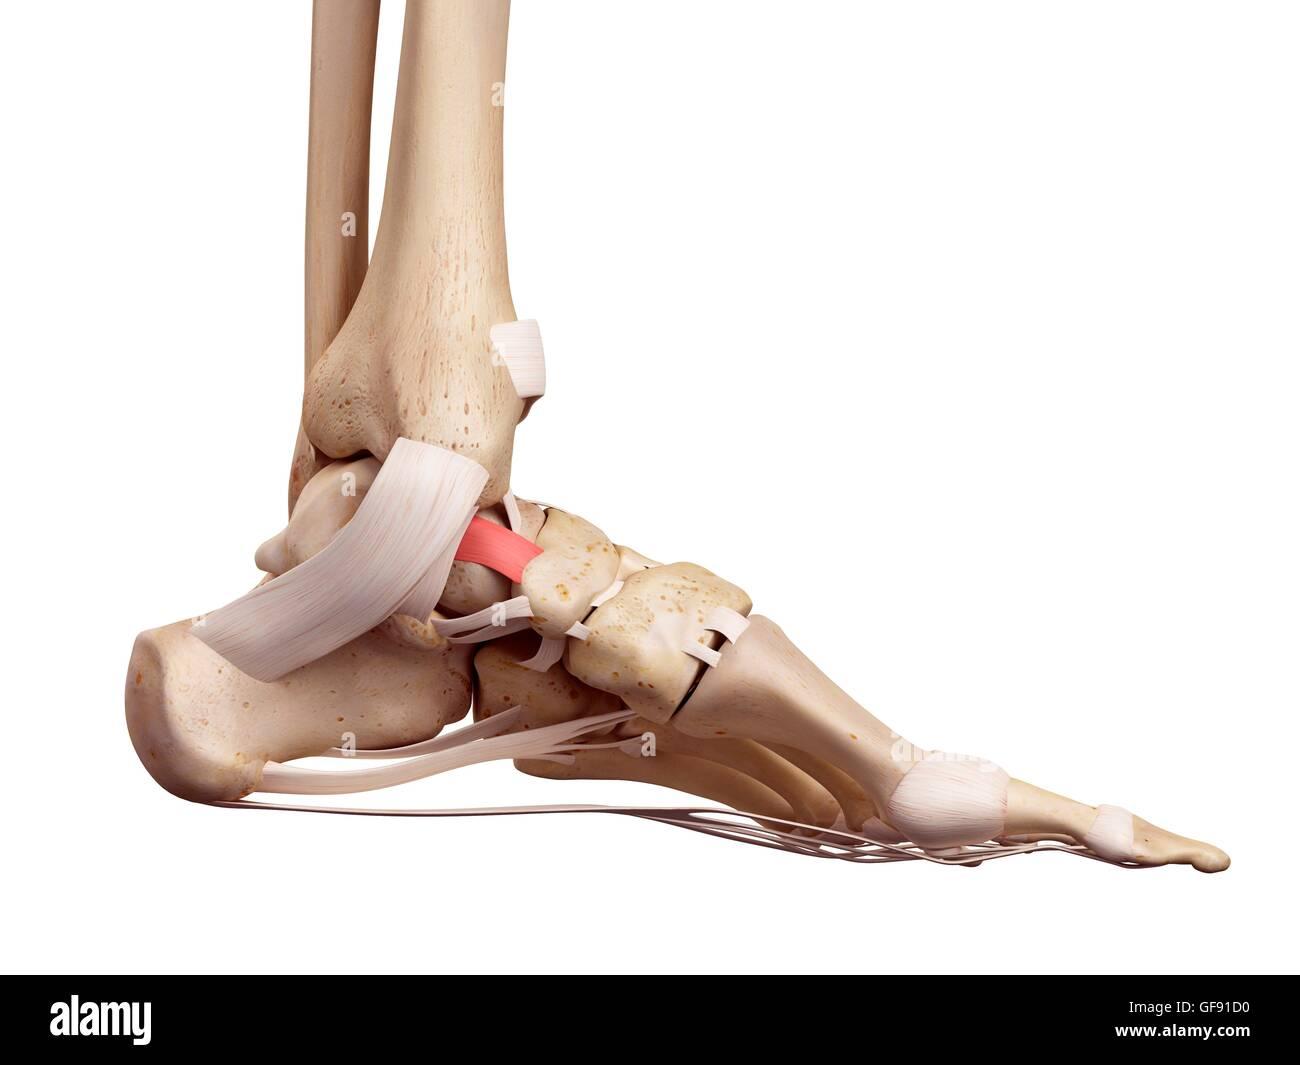 Ziemlich Oberfläche Anatomie Der Hand Galerie - Anatomie Ideen ...